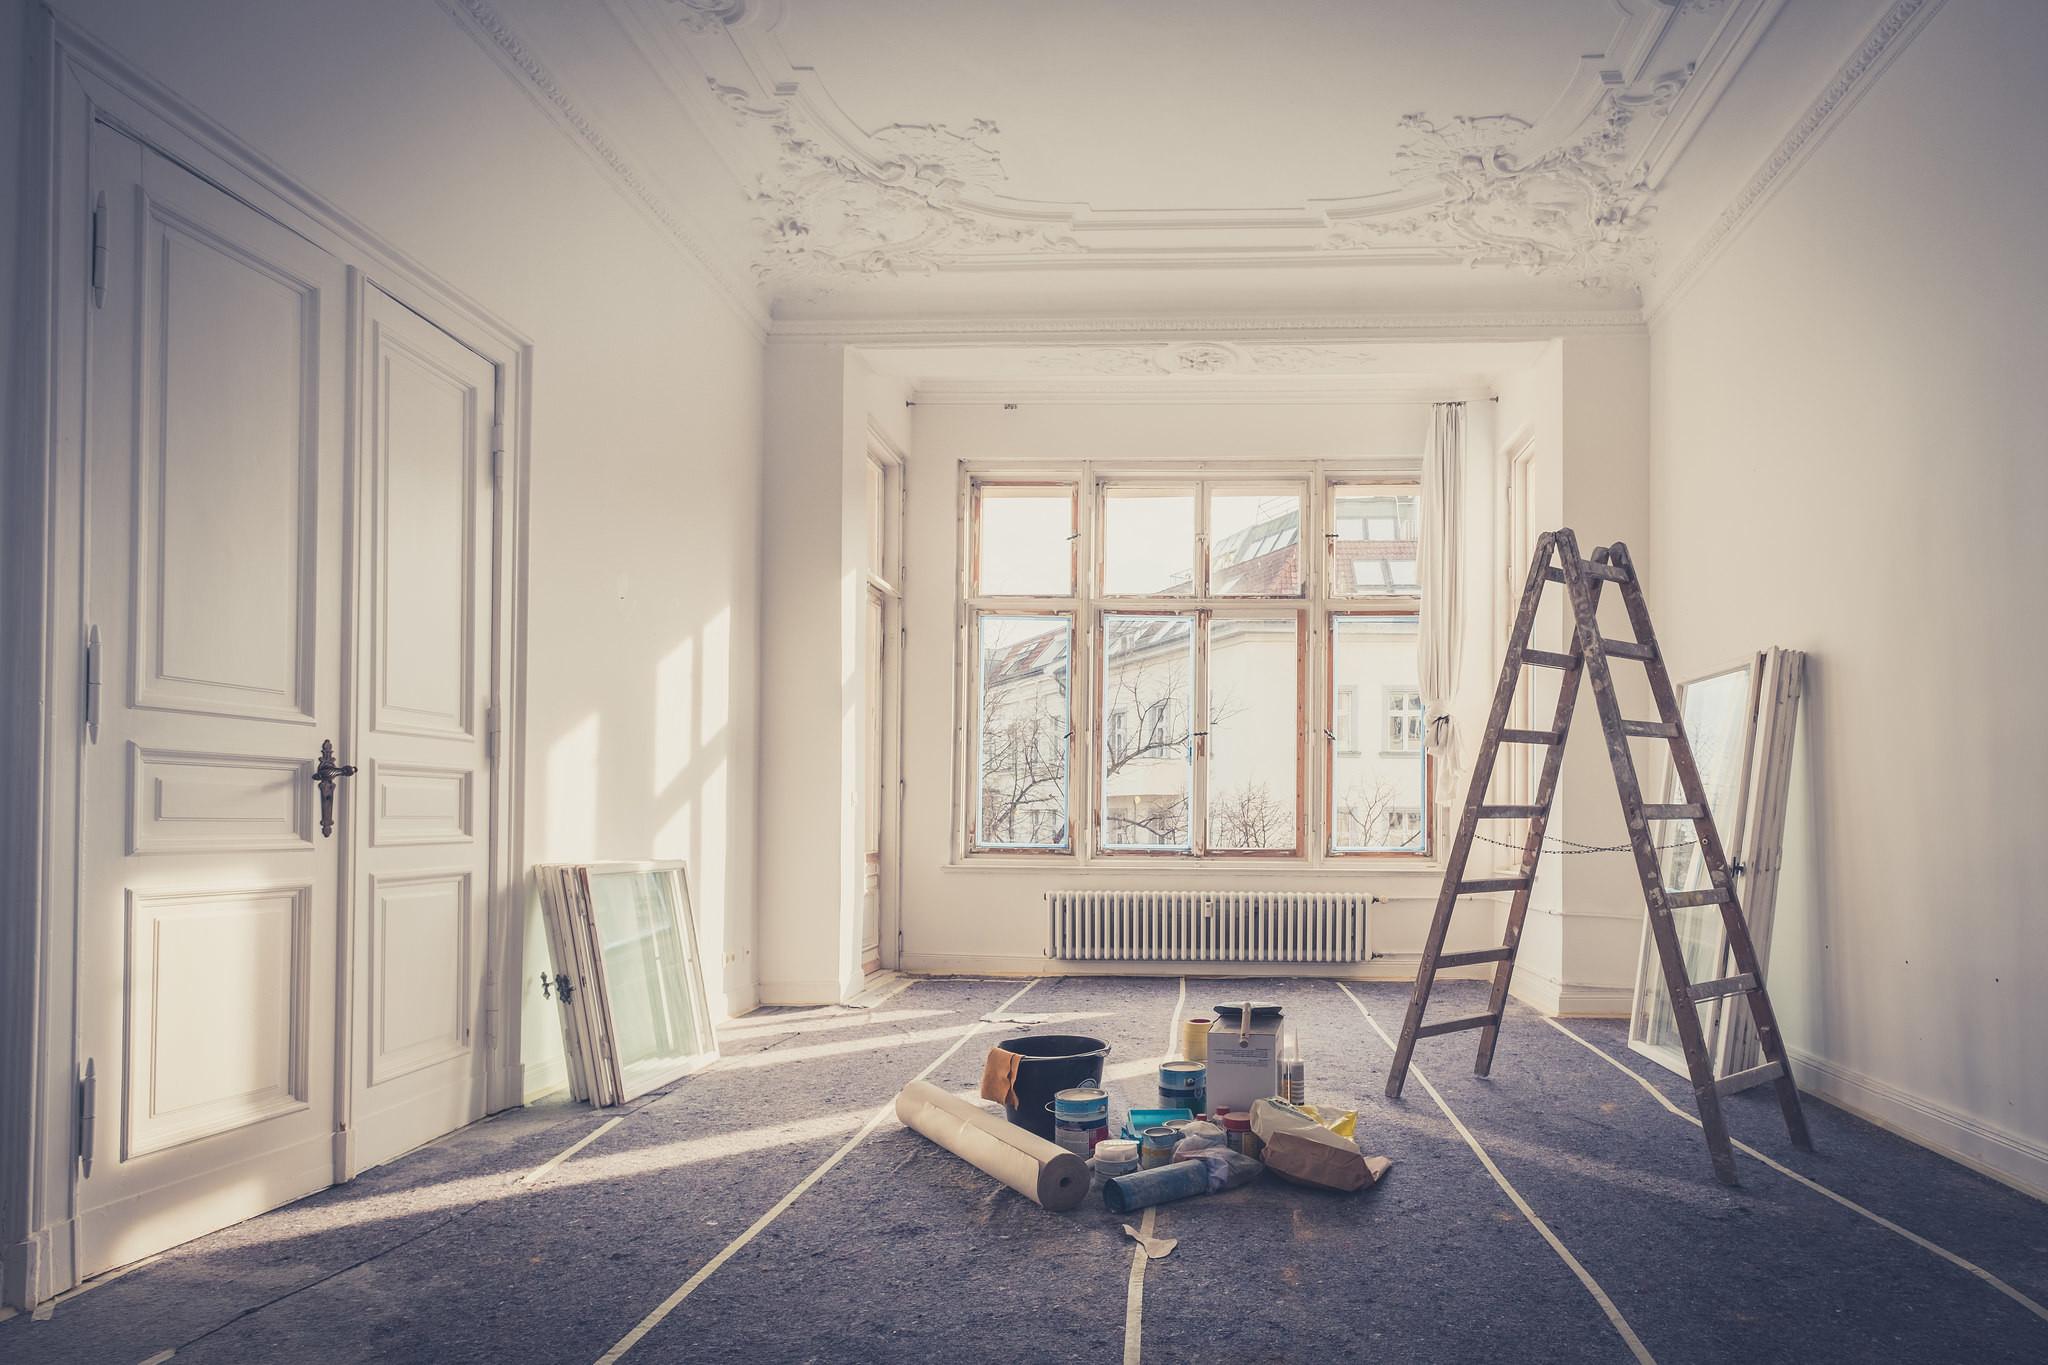 vivienda-oferta-inmobiliaria-aplicaciones-digitalizacion